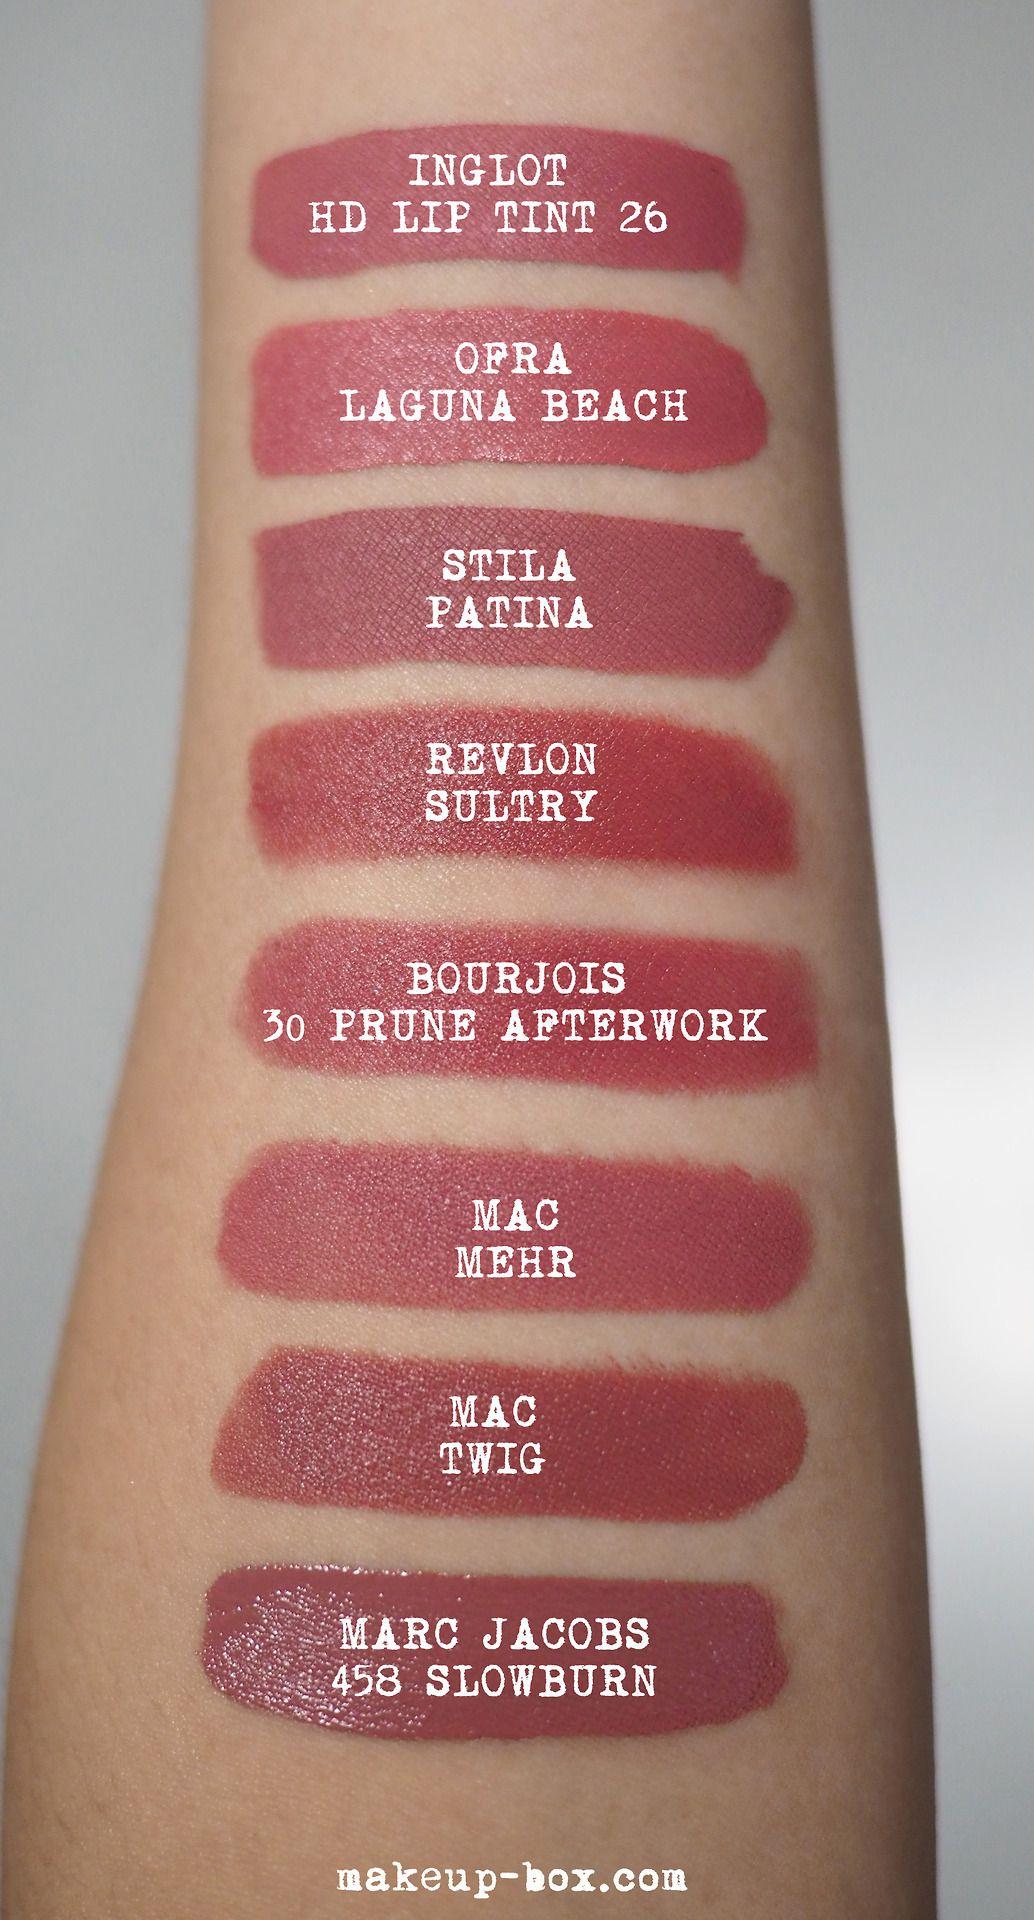 Golden Rose Longstay Liquid Matte Lipstick reviews, photos